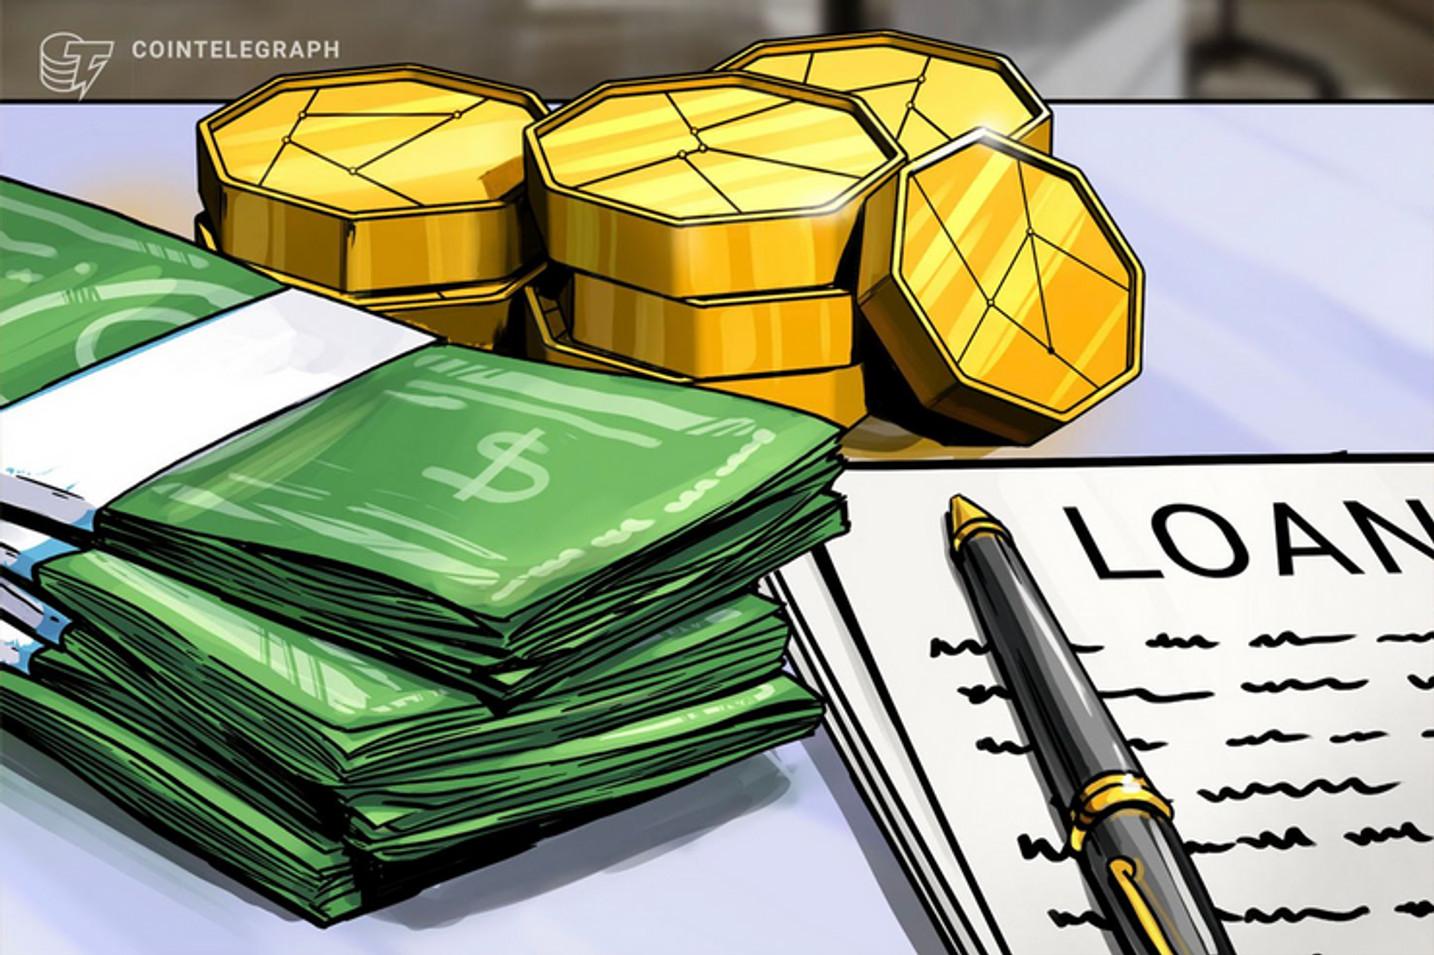 Atlas Quantum 'compra' bitcoin de usuário por R$ 5.500 e revende por R$11.710 e revolta clientes